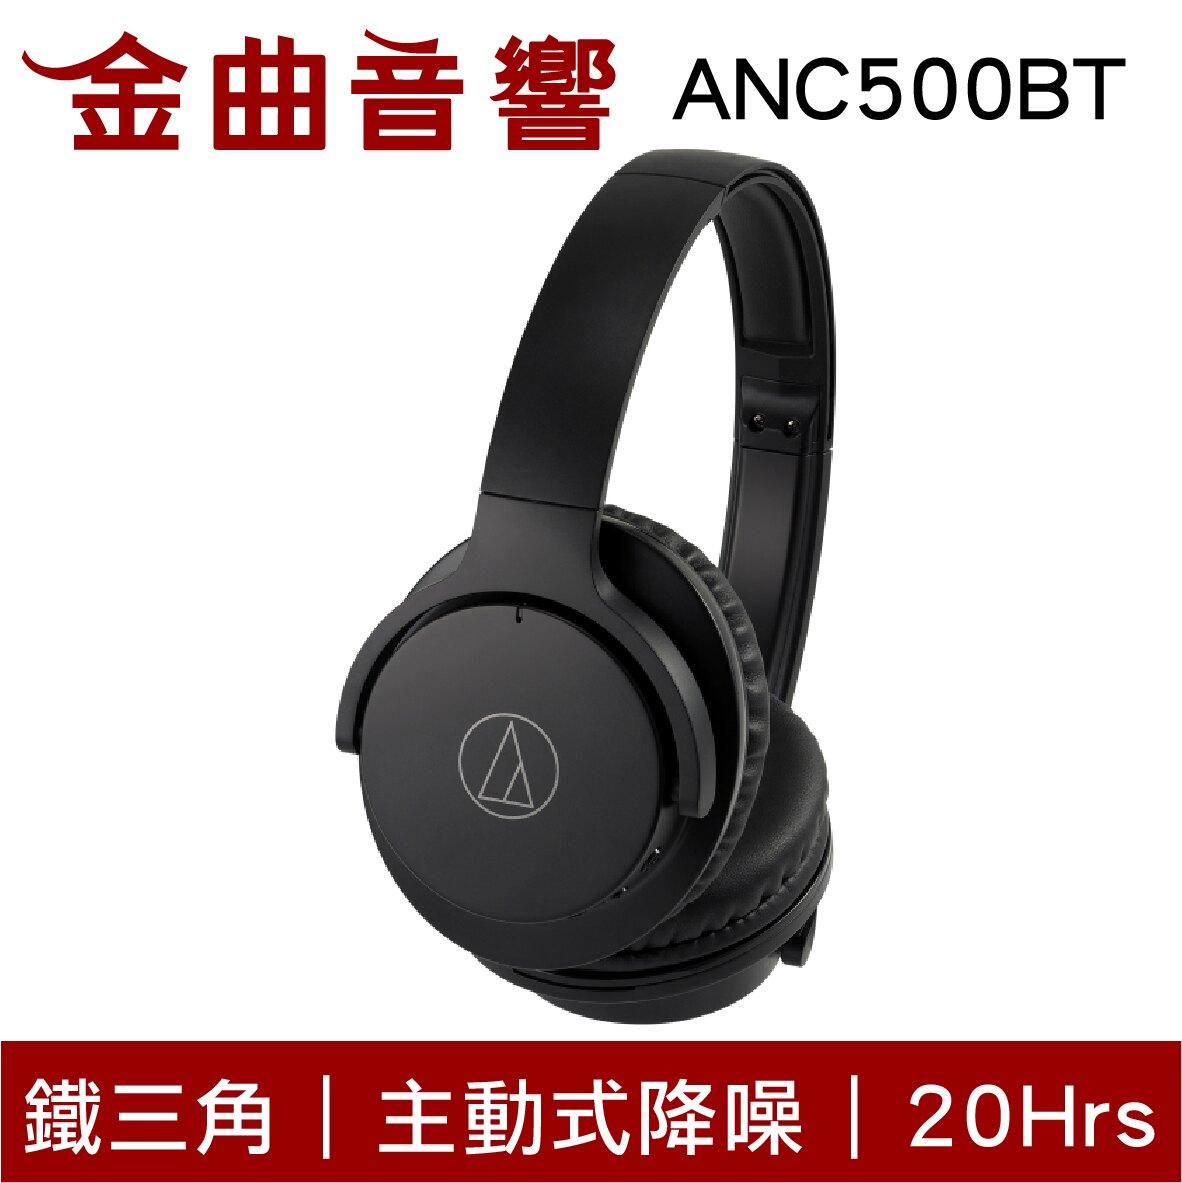 鐵三角 ATH-ANC500BT 黑藍兩色 藍牙 無線 抗噪 耳罩式 耳機 | 金曲音響